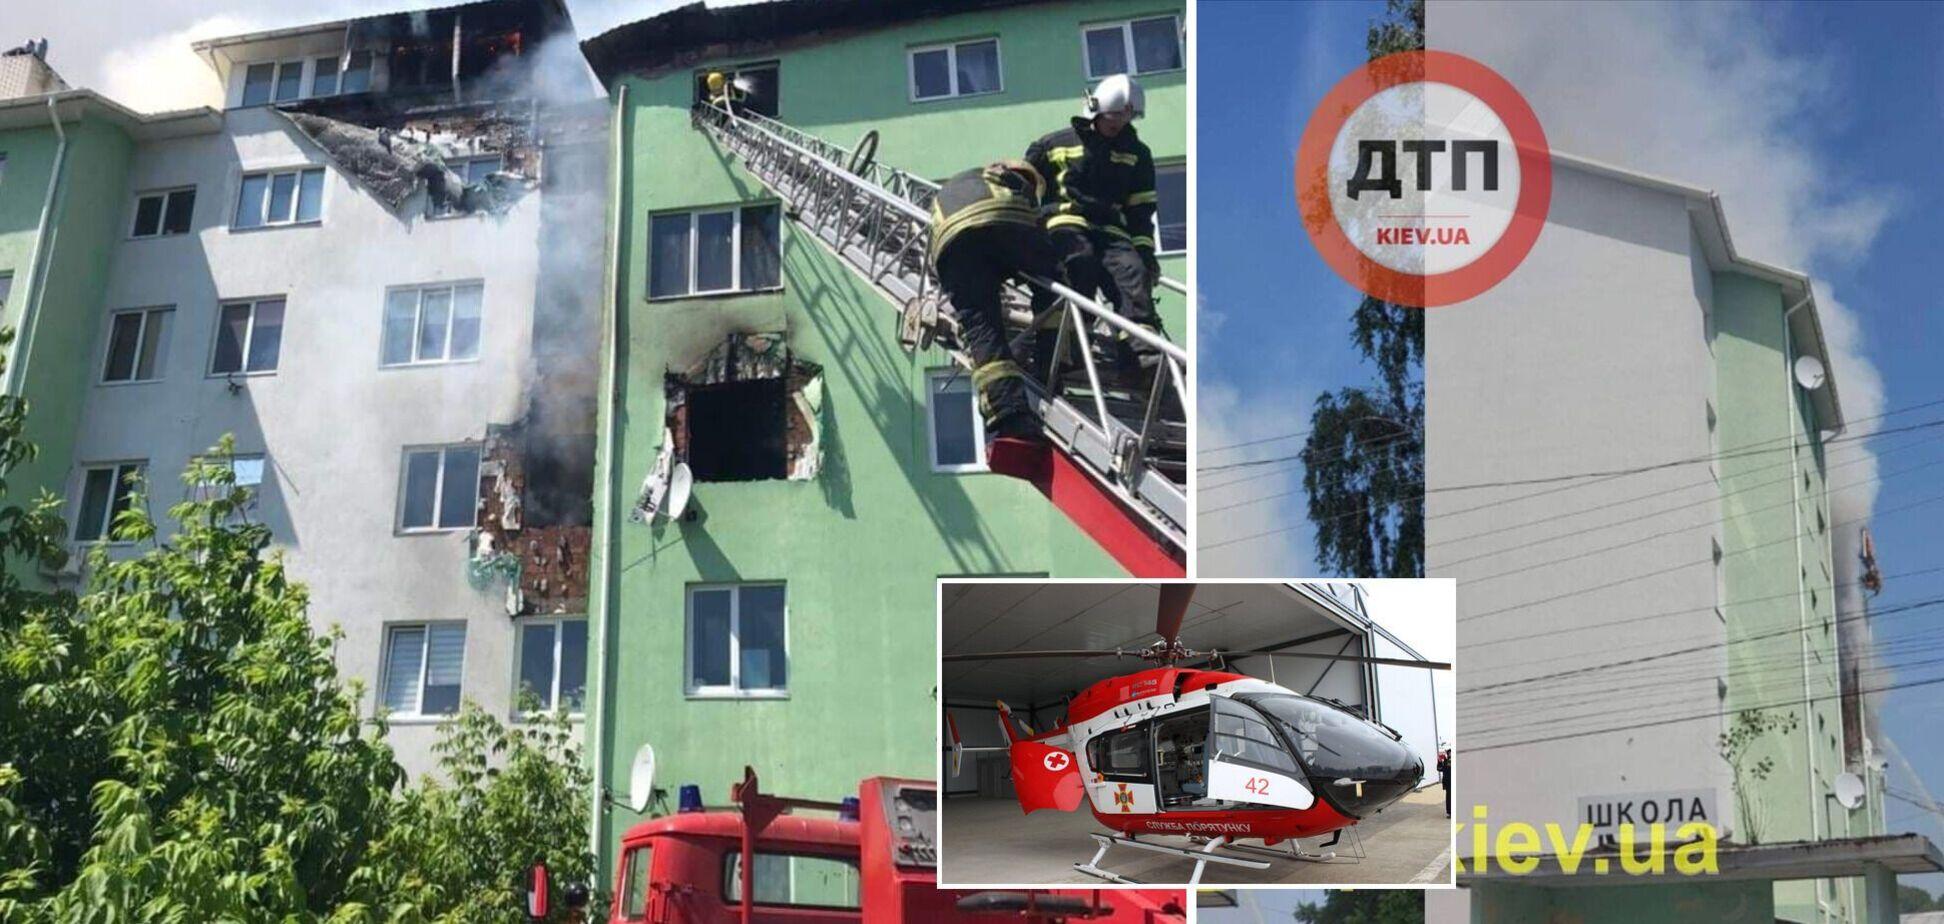 Під Києвом стався вибух у багатоповерхівці, спалахнула пожежа. Фото і відео з місця